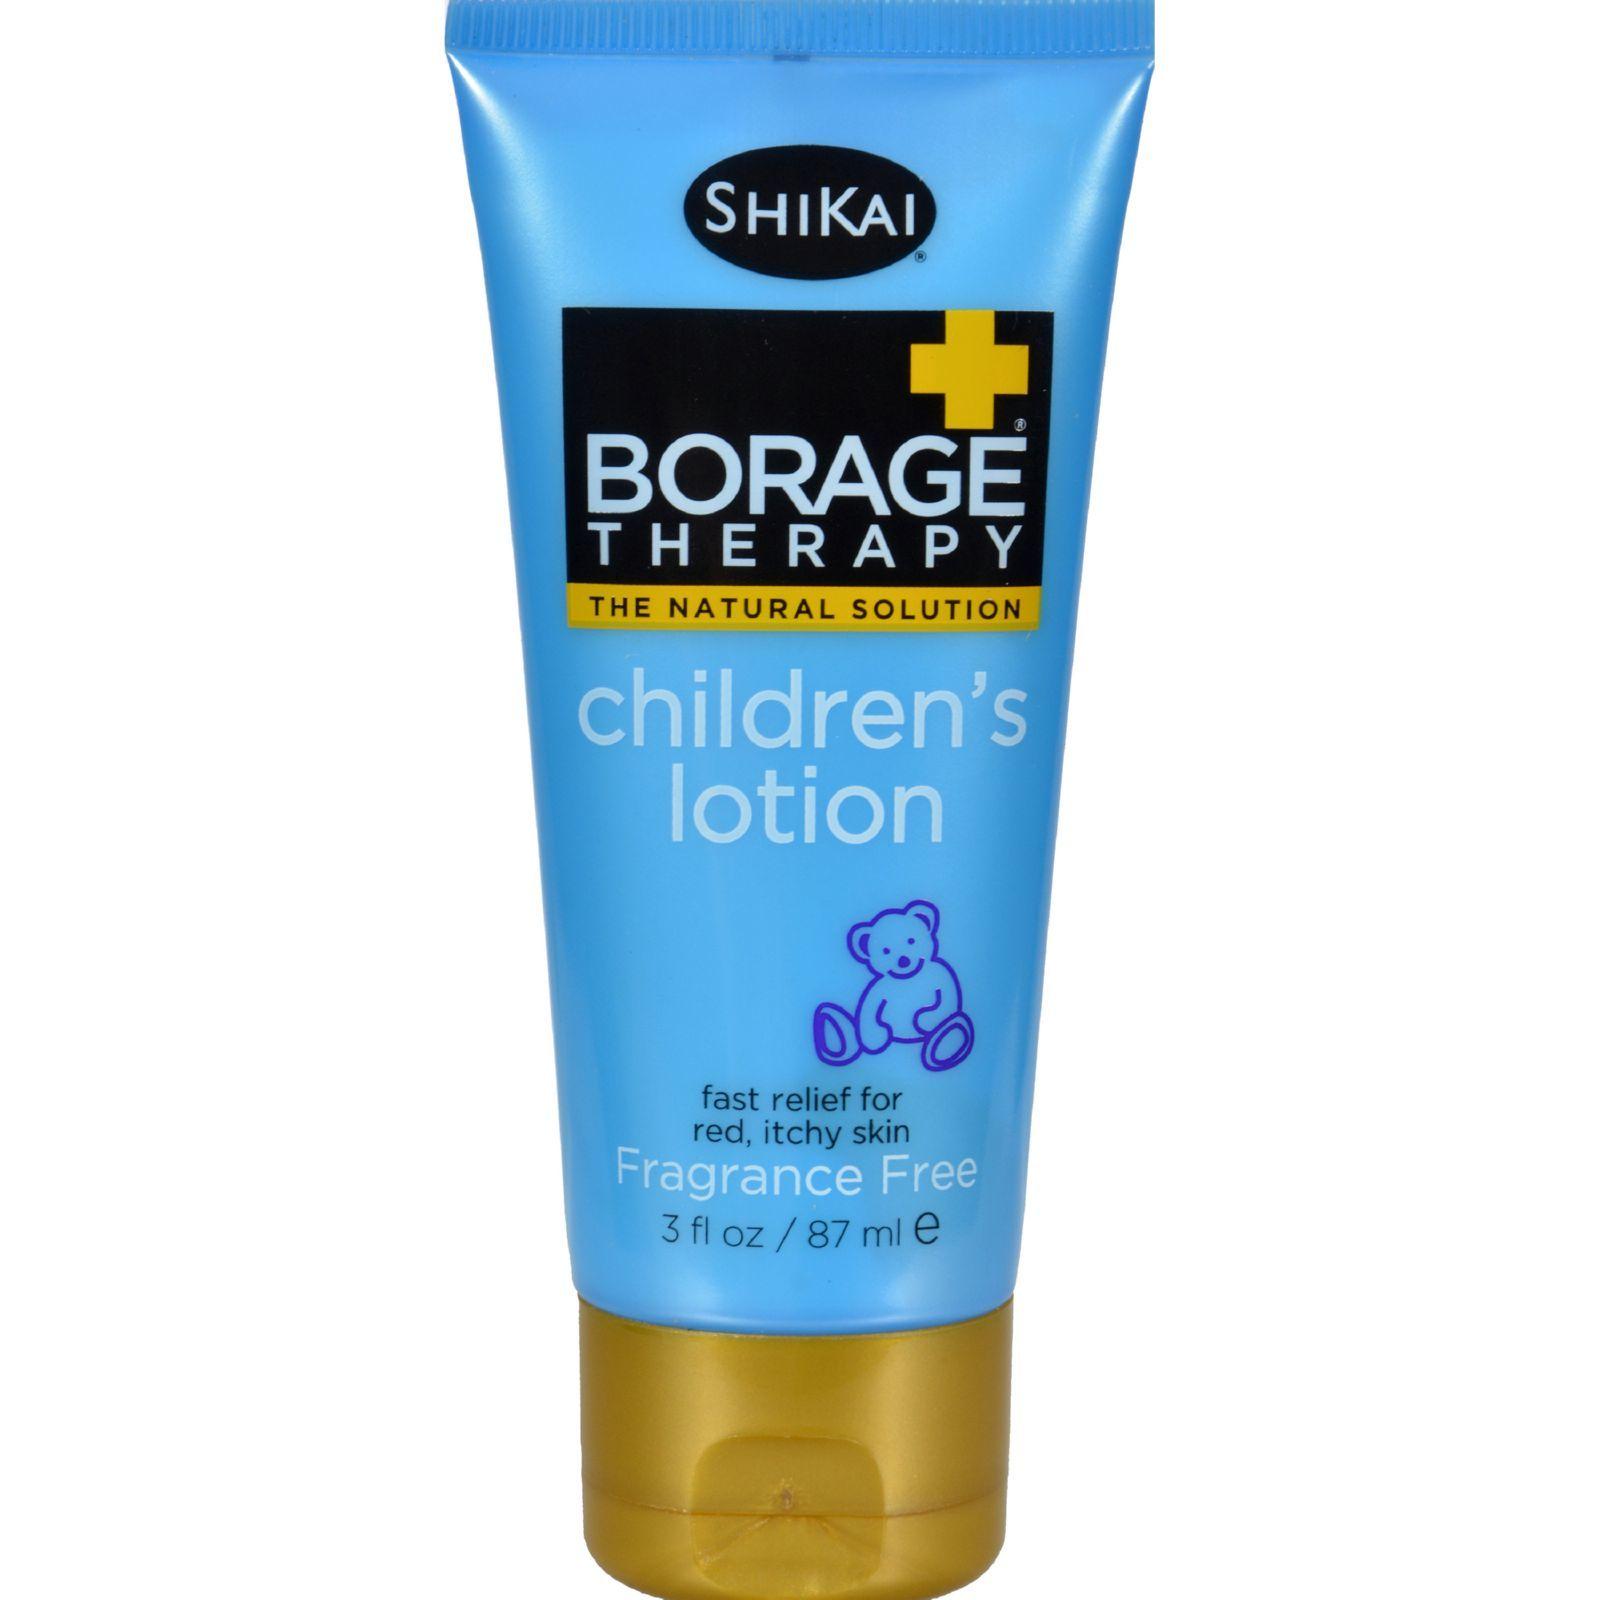 Shikai Borage Therapy Children's Lotion Fragrance Free - 3 fl oz